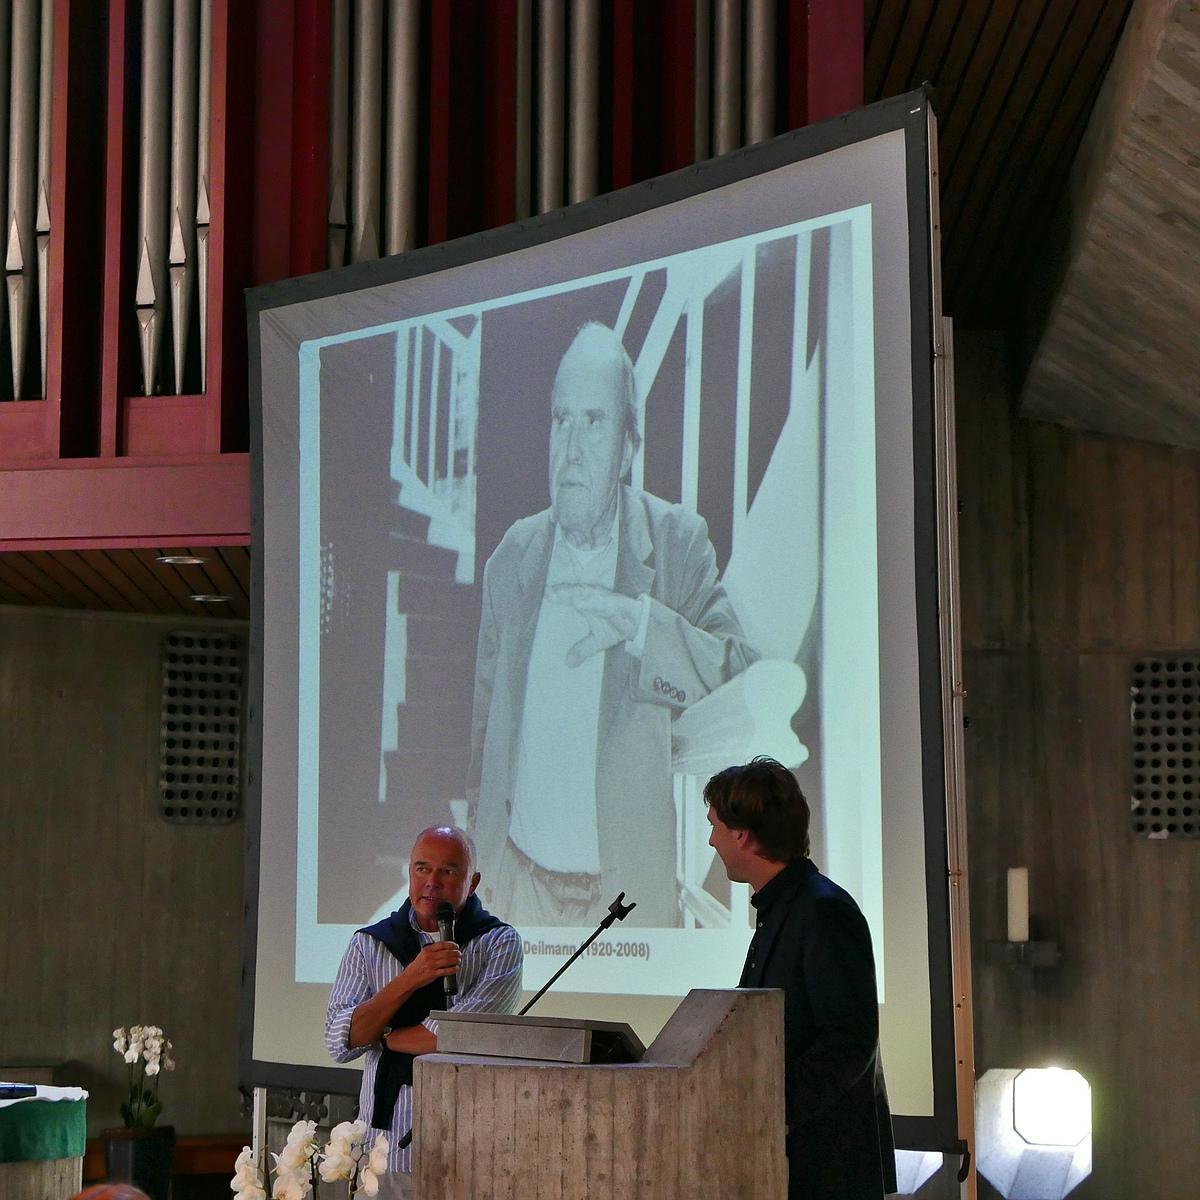 09 A-Z Architekten Harald Deilmann, St. Anna-Kirche Münster, Andreas Deilmann u. Stefan Rethfeld - Foto: Wilhelm Walterscheid